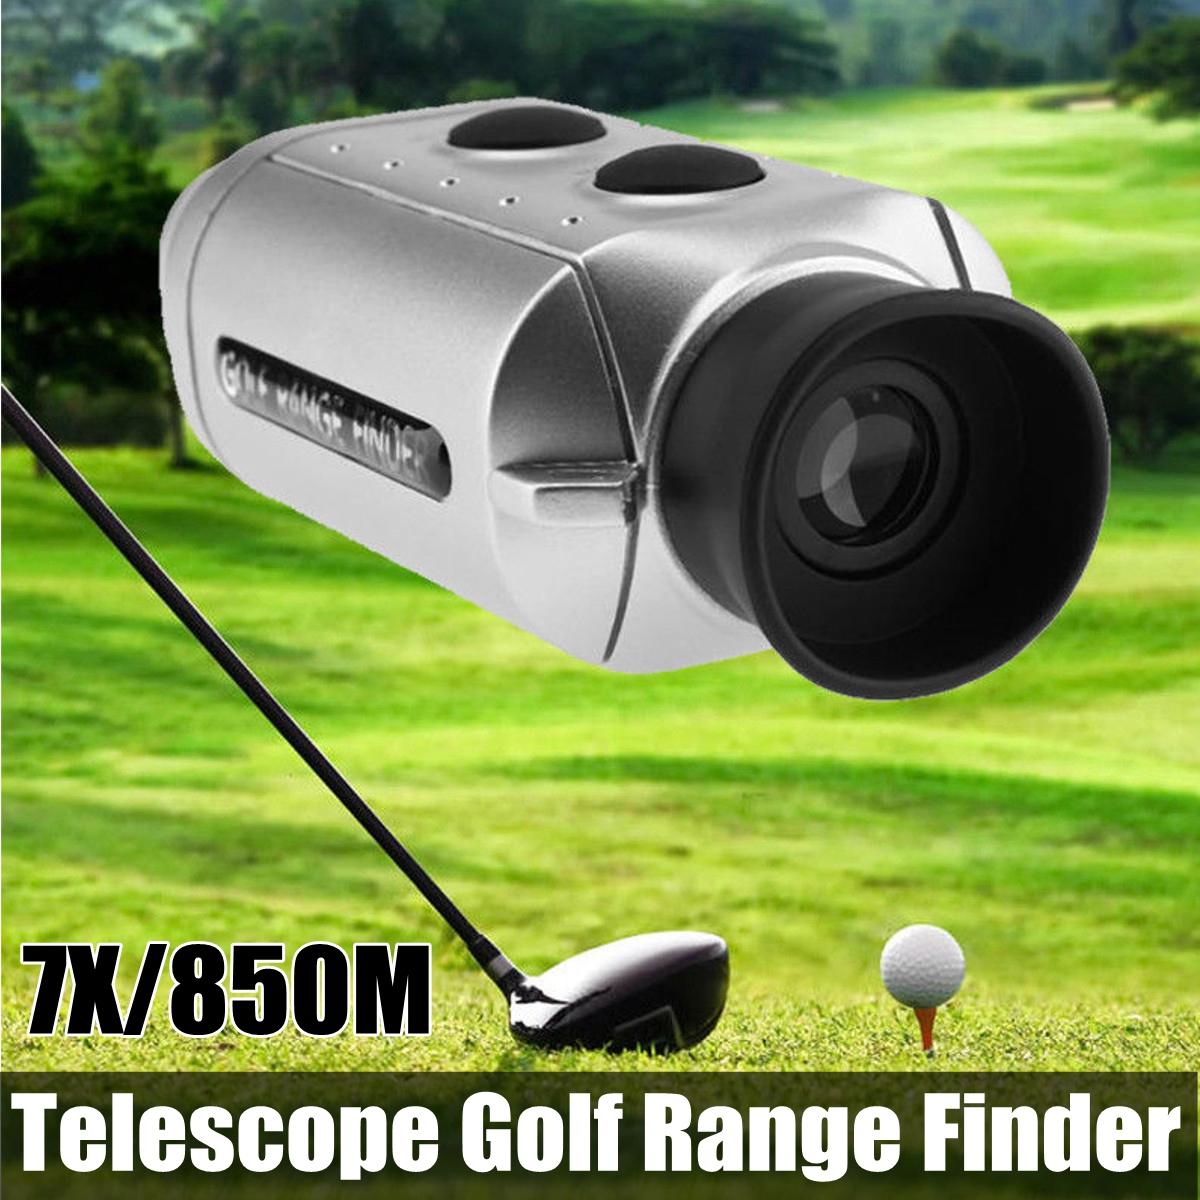 Telescope Laser Golf Range Finder Single Cylinder Speed Distance Meter Digital Scope (850 Meter Range, 7x Magnification)